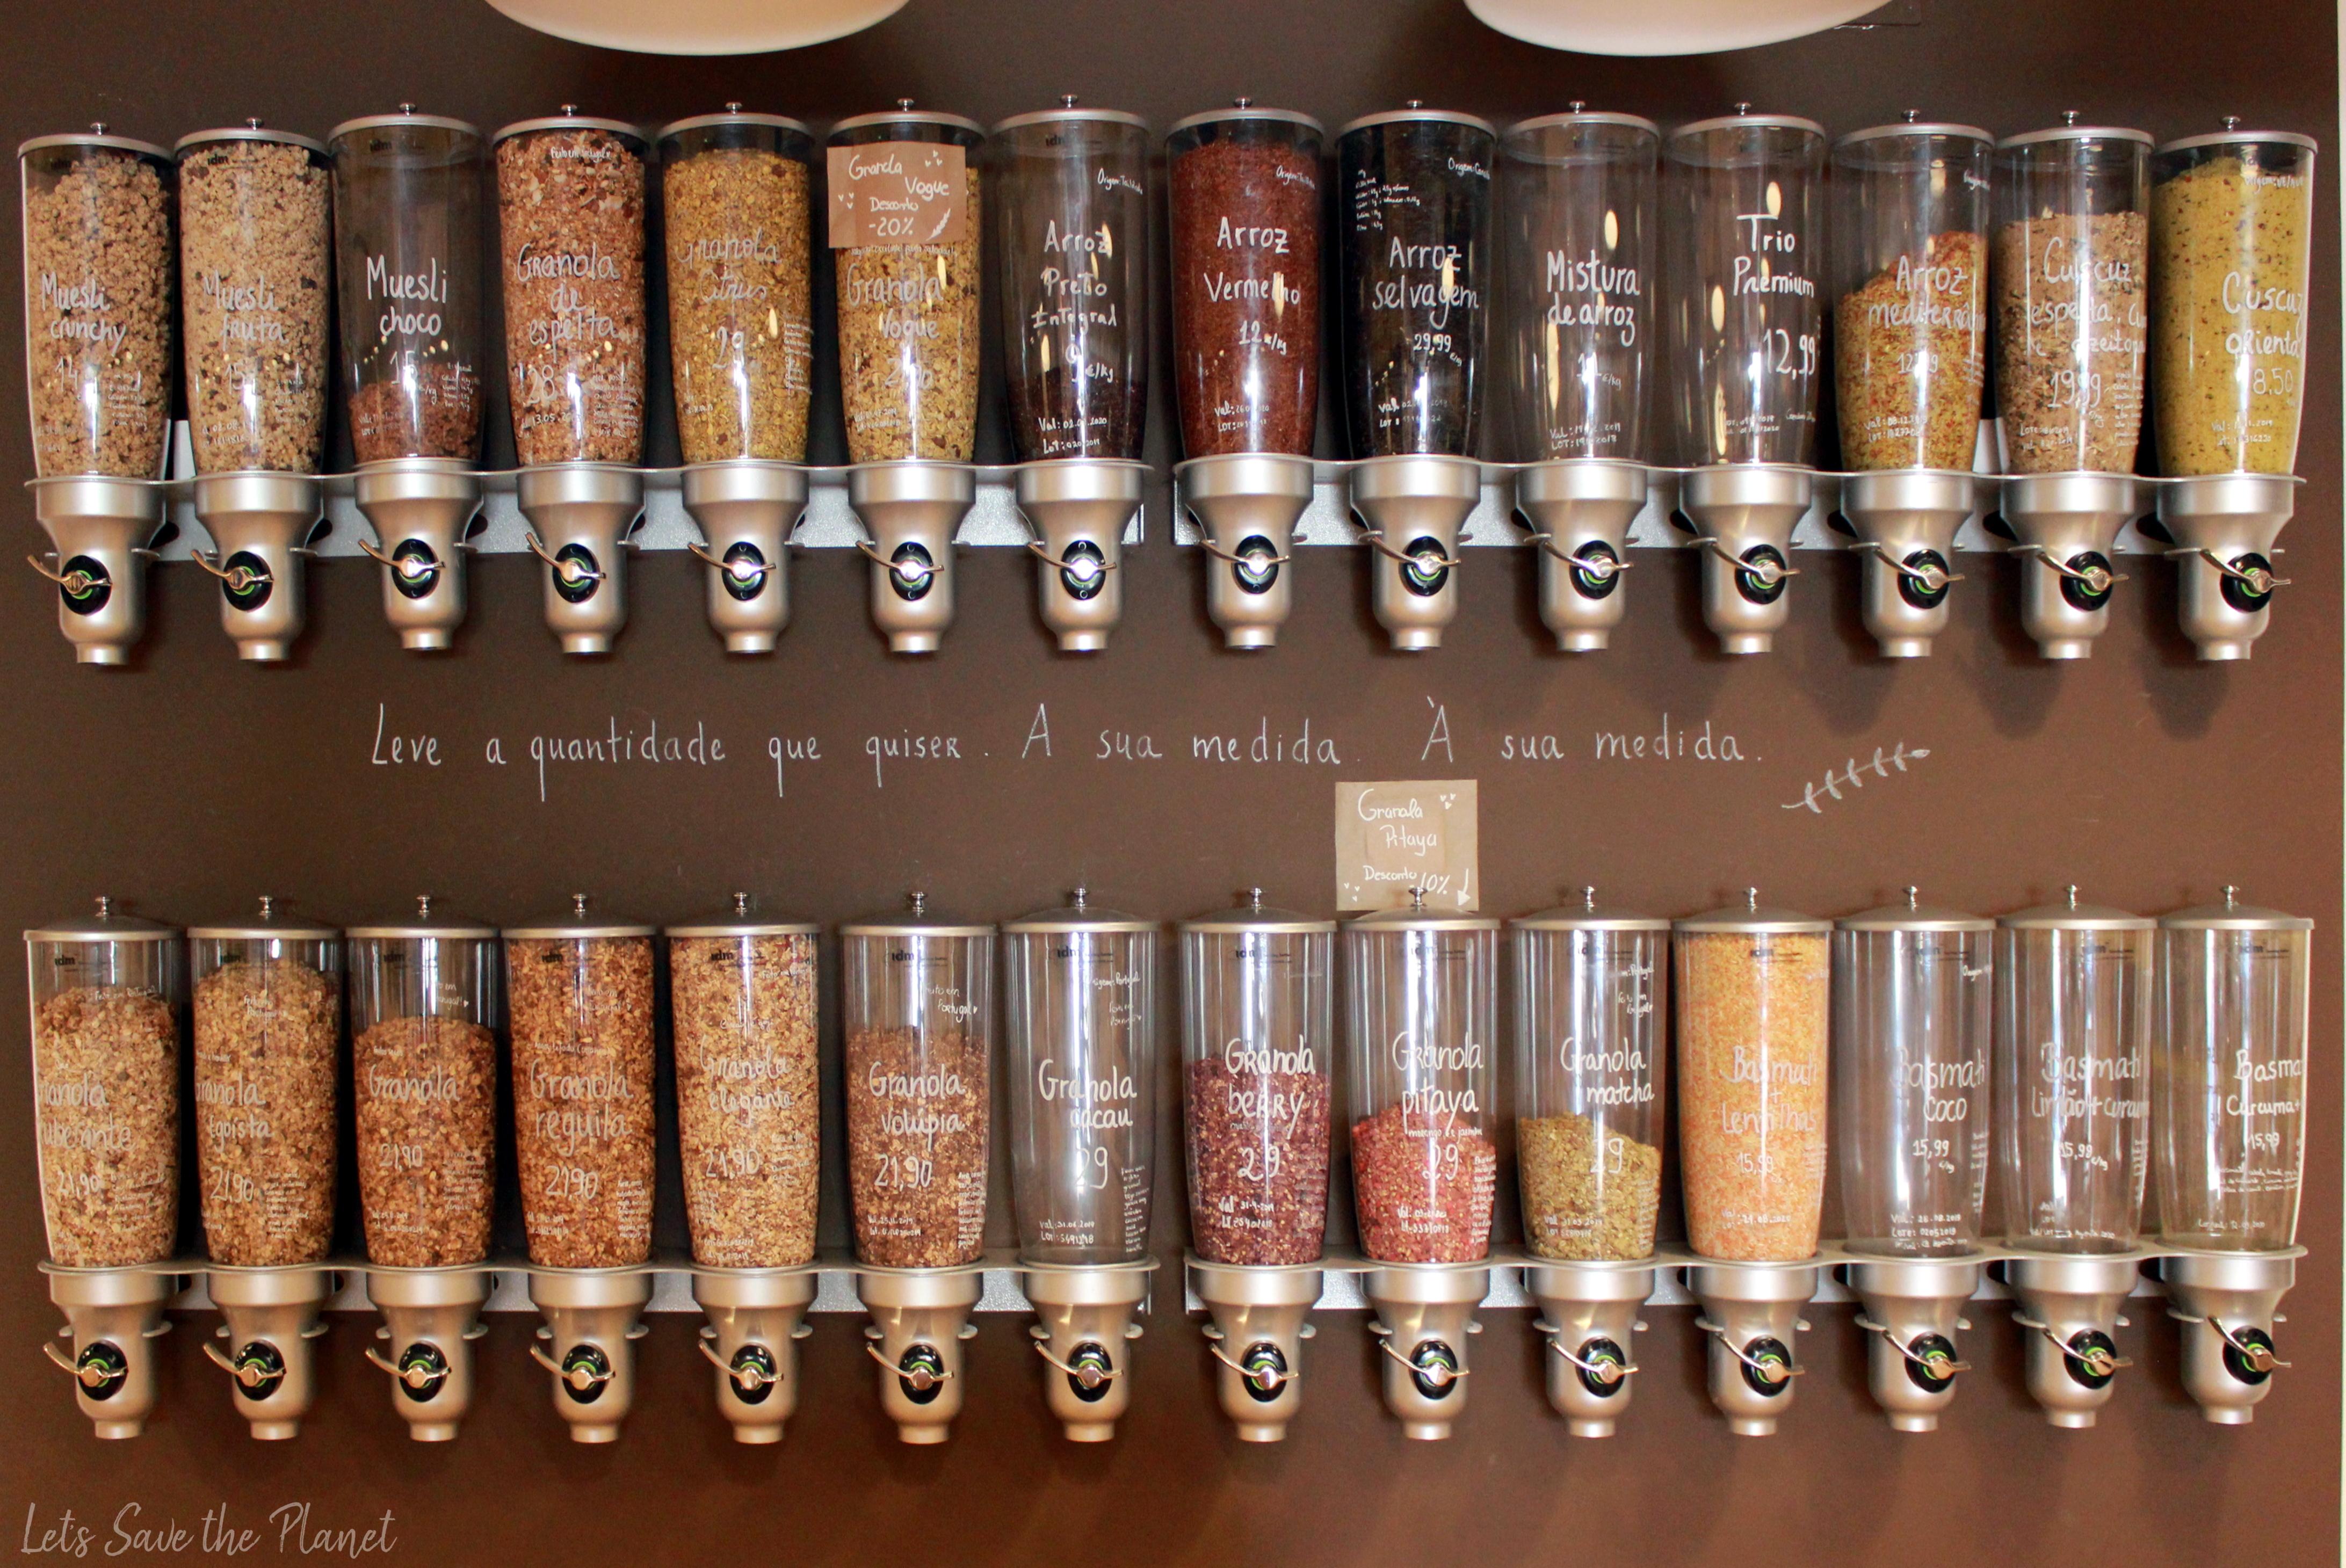 Zona dos cereais, recipientes fáceis de utilizar.